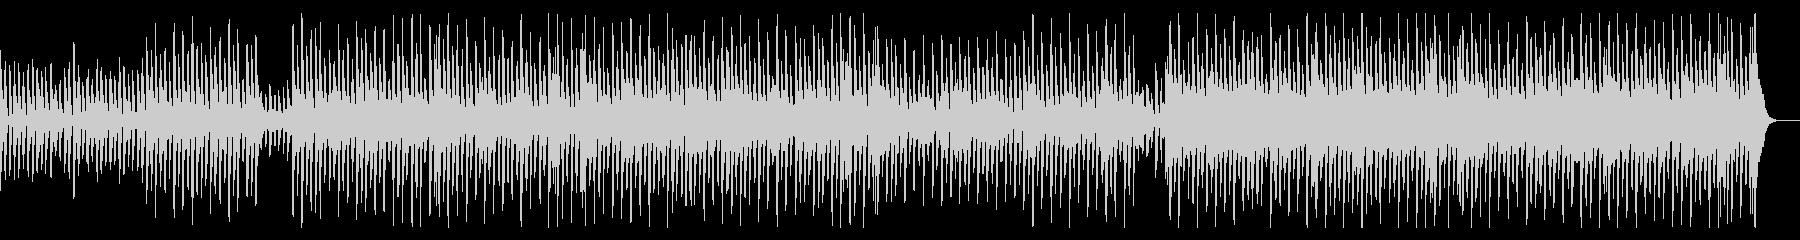 人気のある電子機器 ポジティブ 明...の未再生の波形